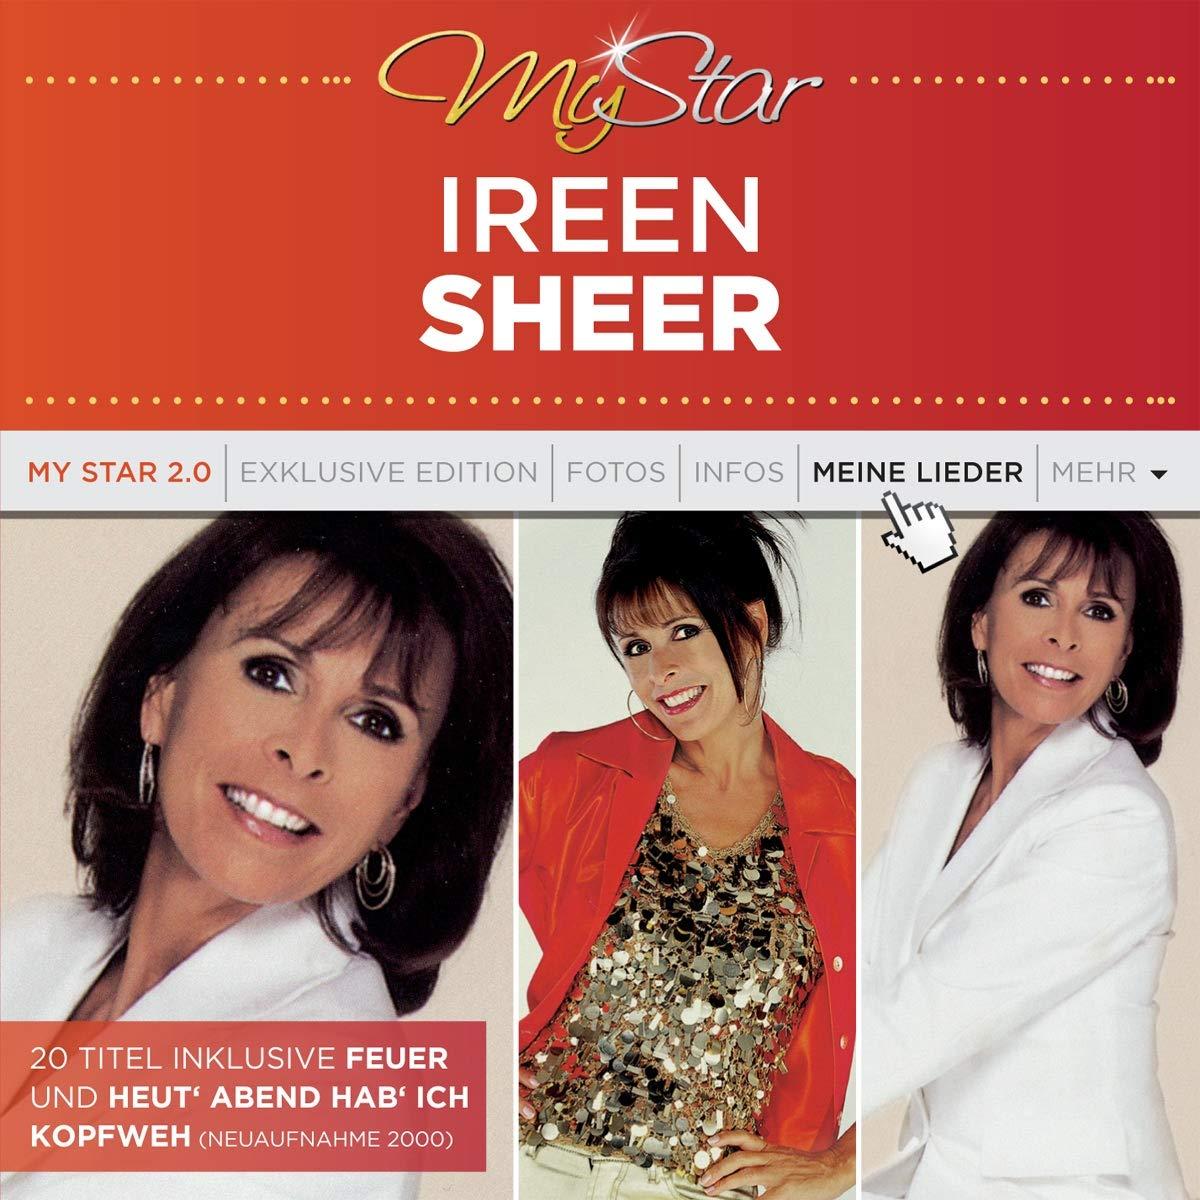 ireen-sheer-my-star